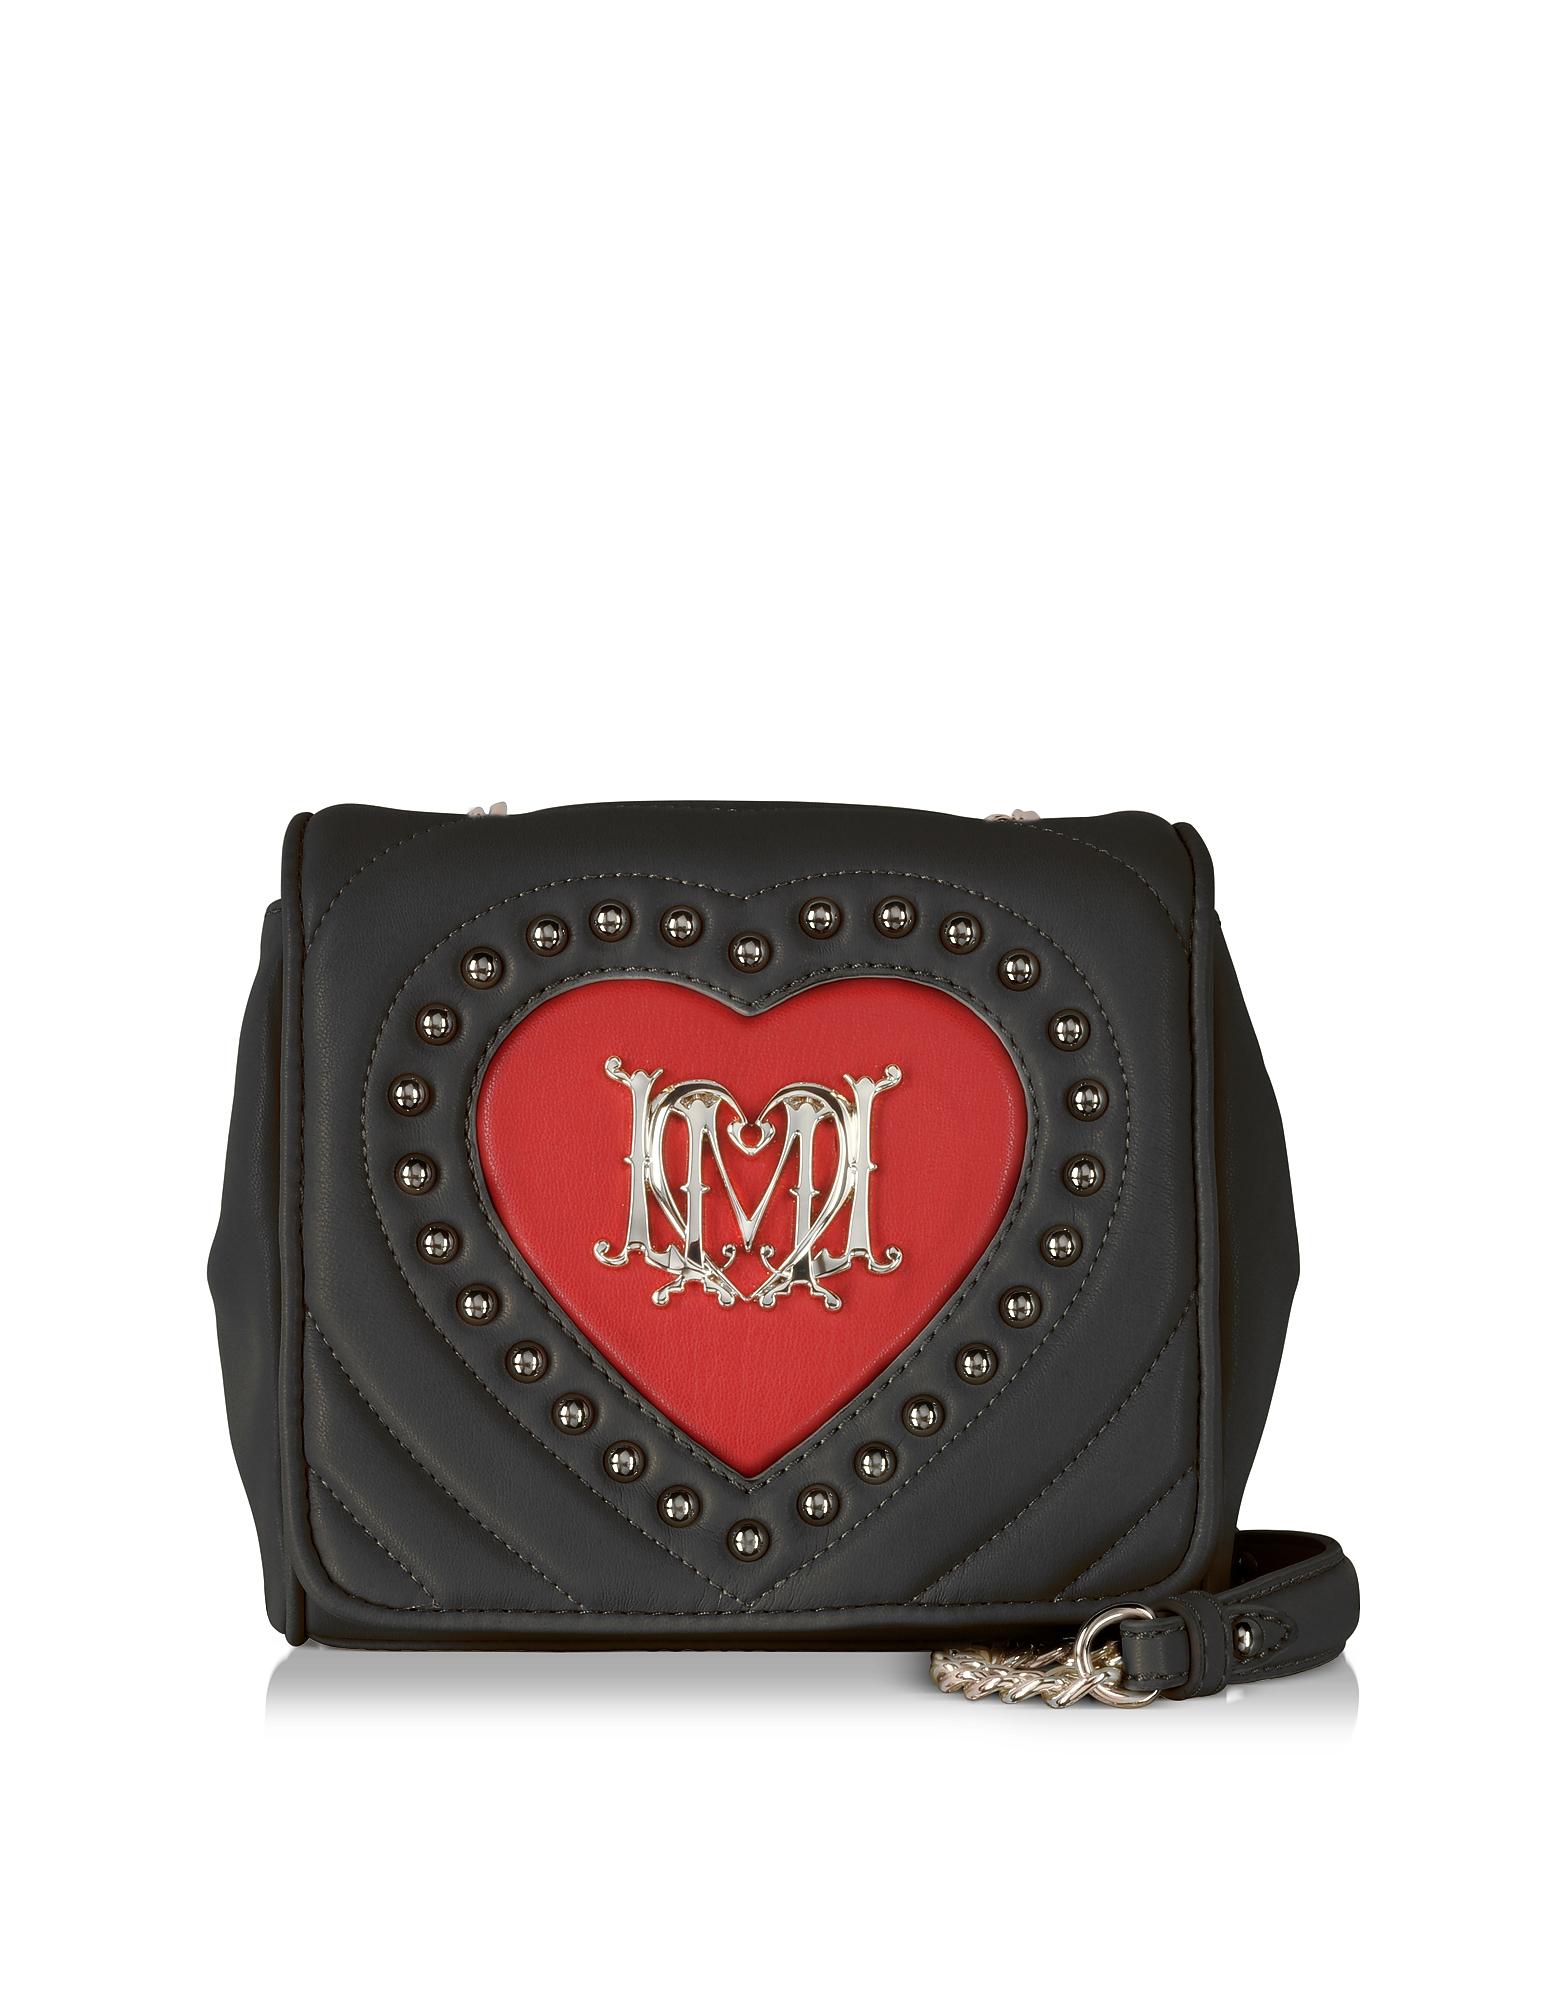 Love Moschino - Черная Стеганая Сумка через Плечо из Эко-кожи с Красным Сердцем